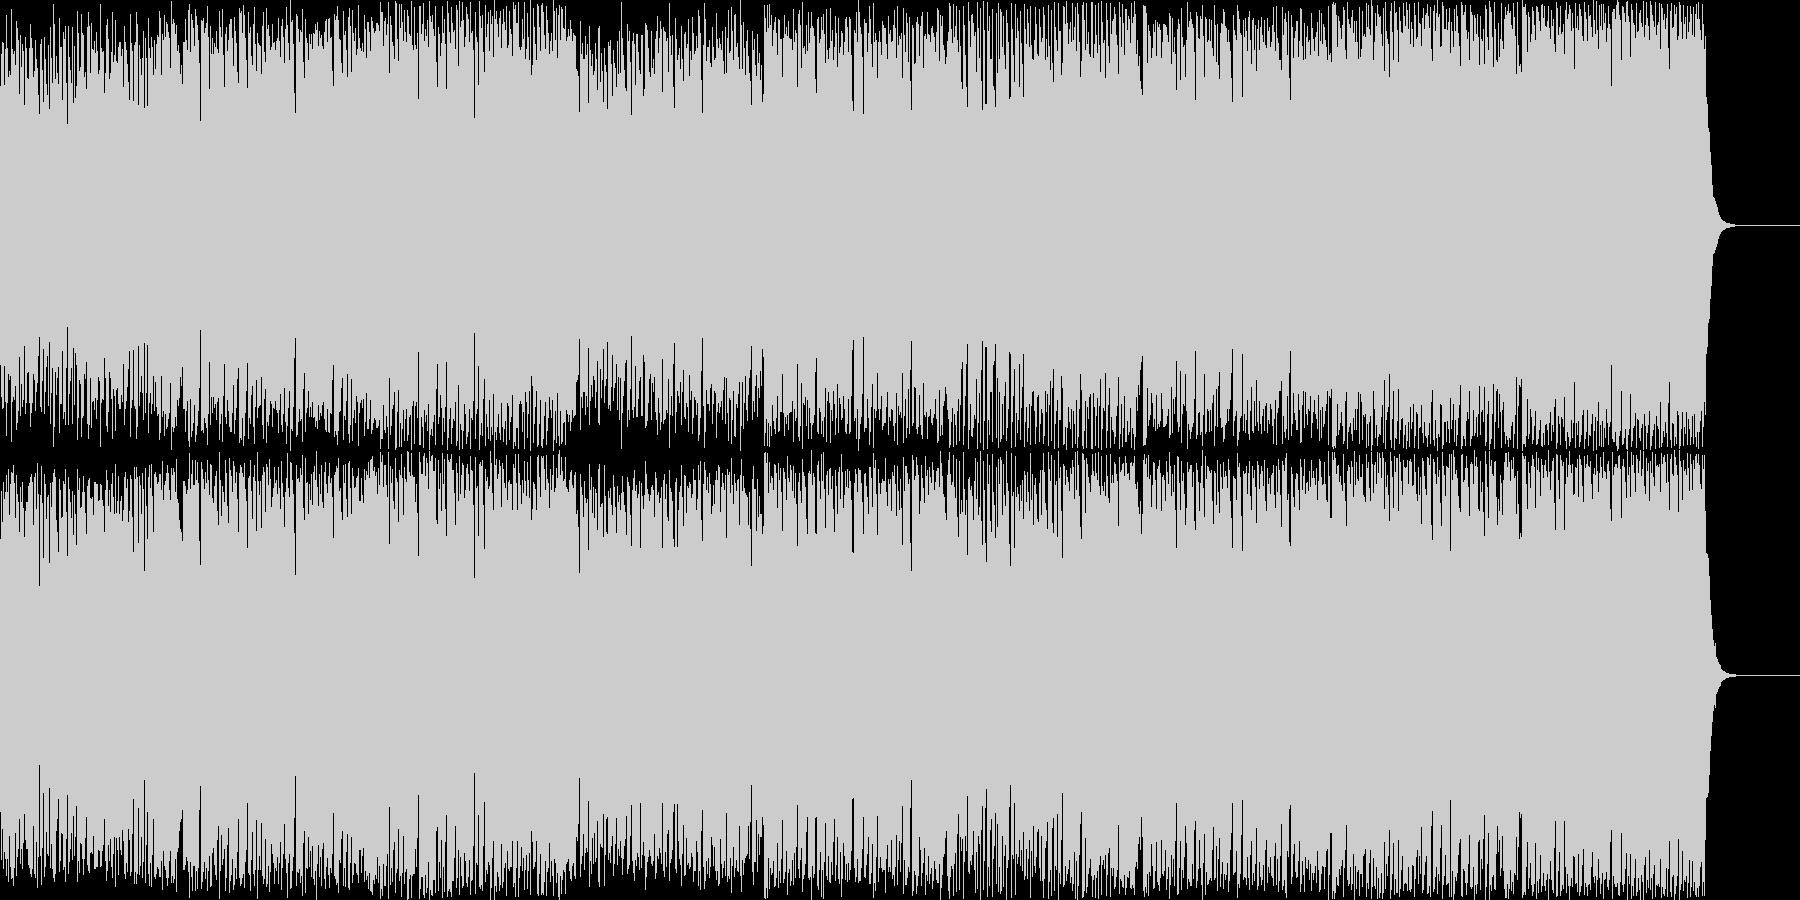 ポップでキャッチーなボイスEDMハウスの未再生の波形